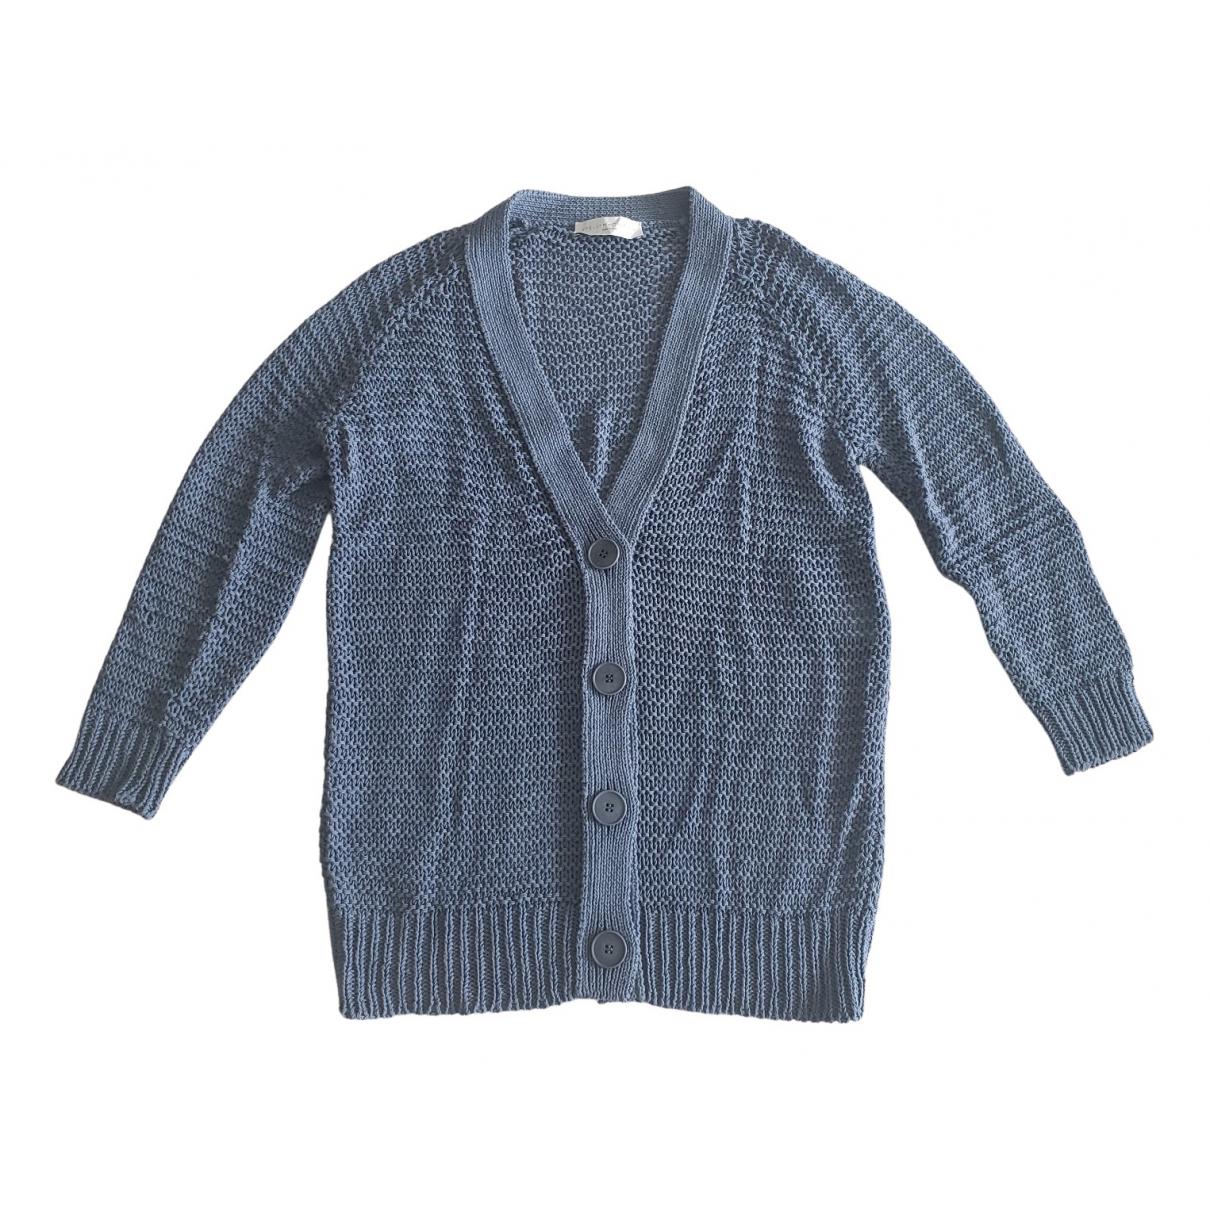 Stella Mccartney N Blue Cotton Knitwear for Women 40 IT